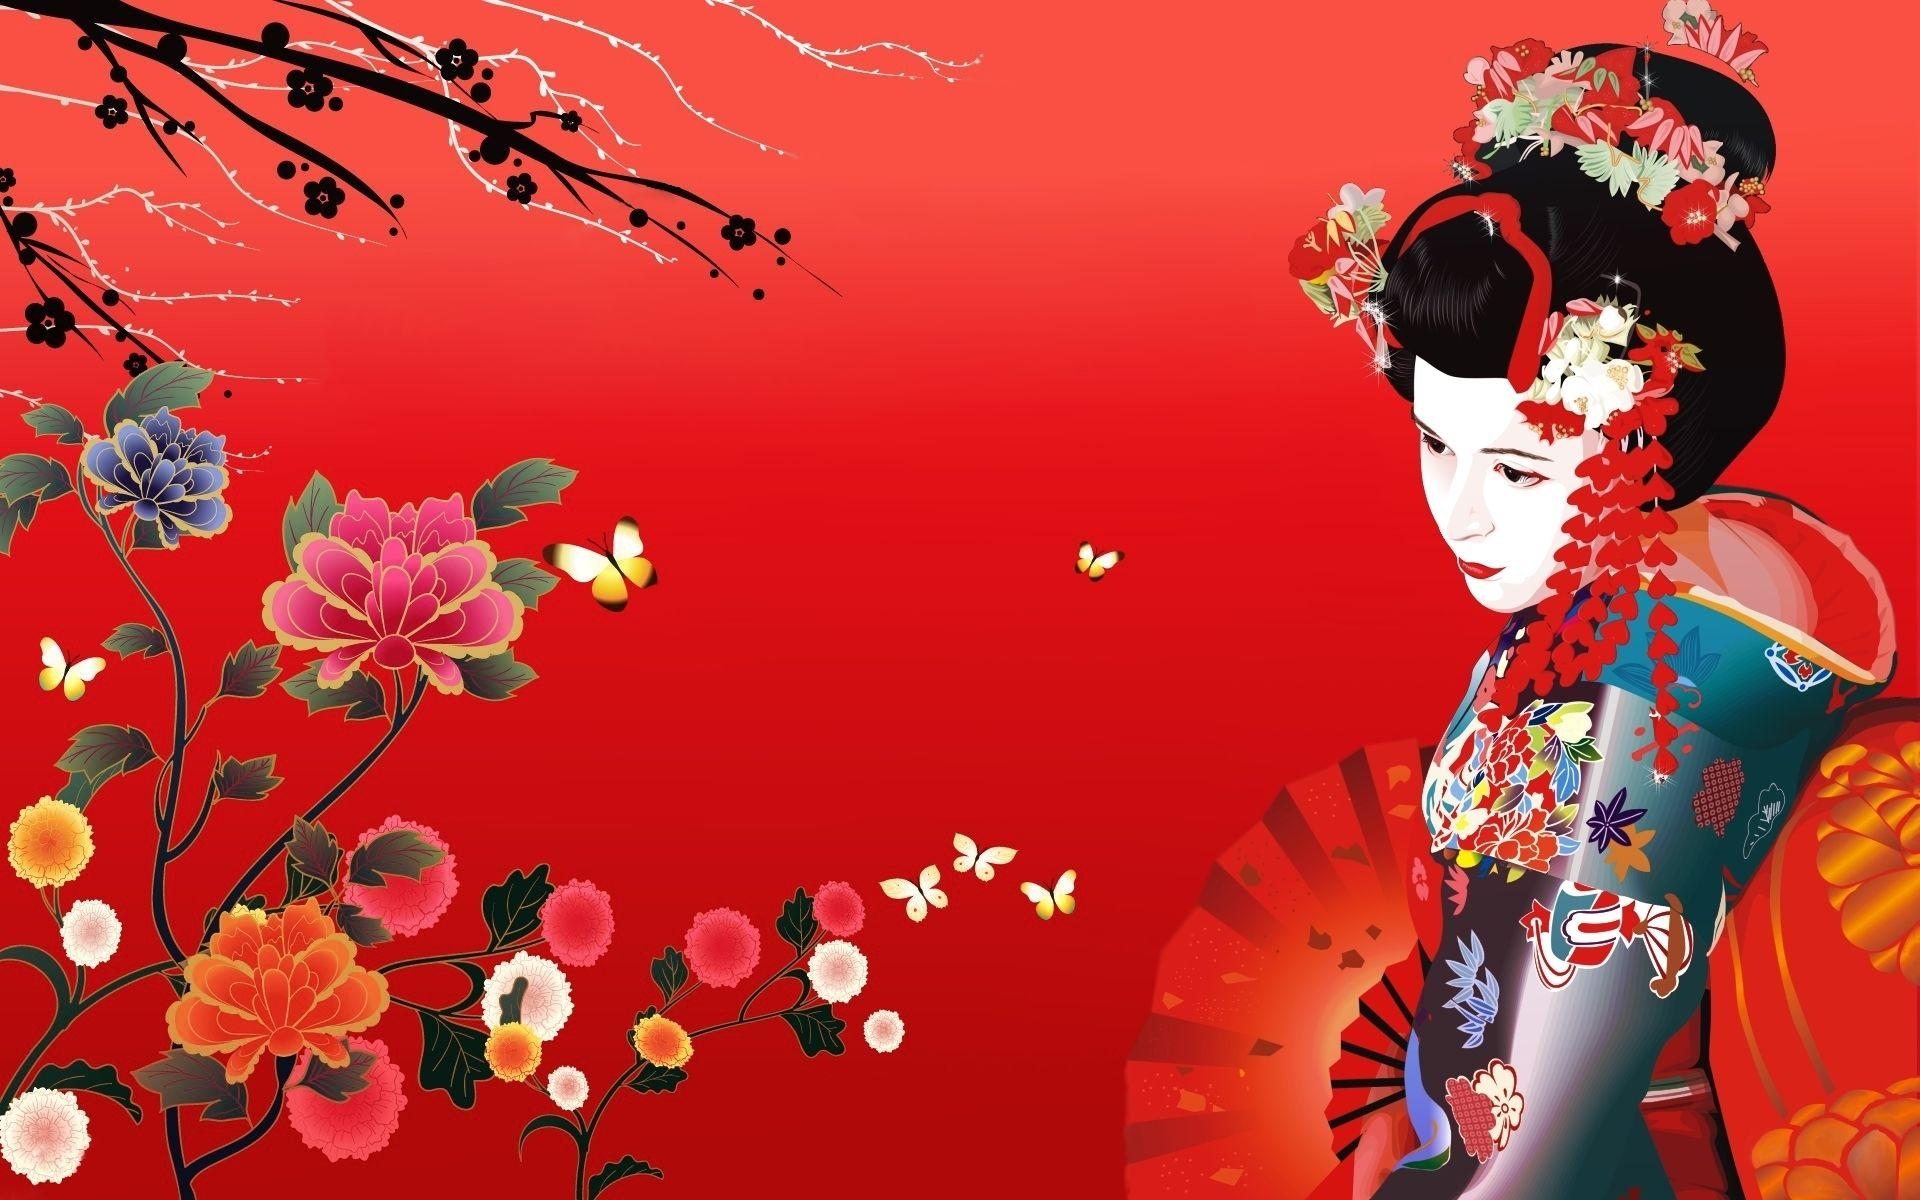 рекорд картинки корея китай япония философии фэн-шуй есть